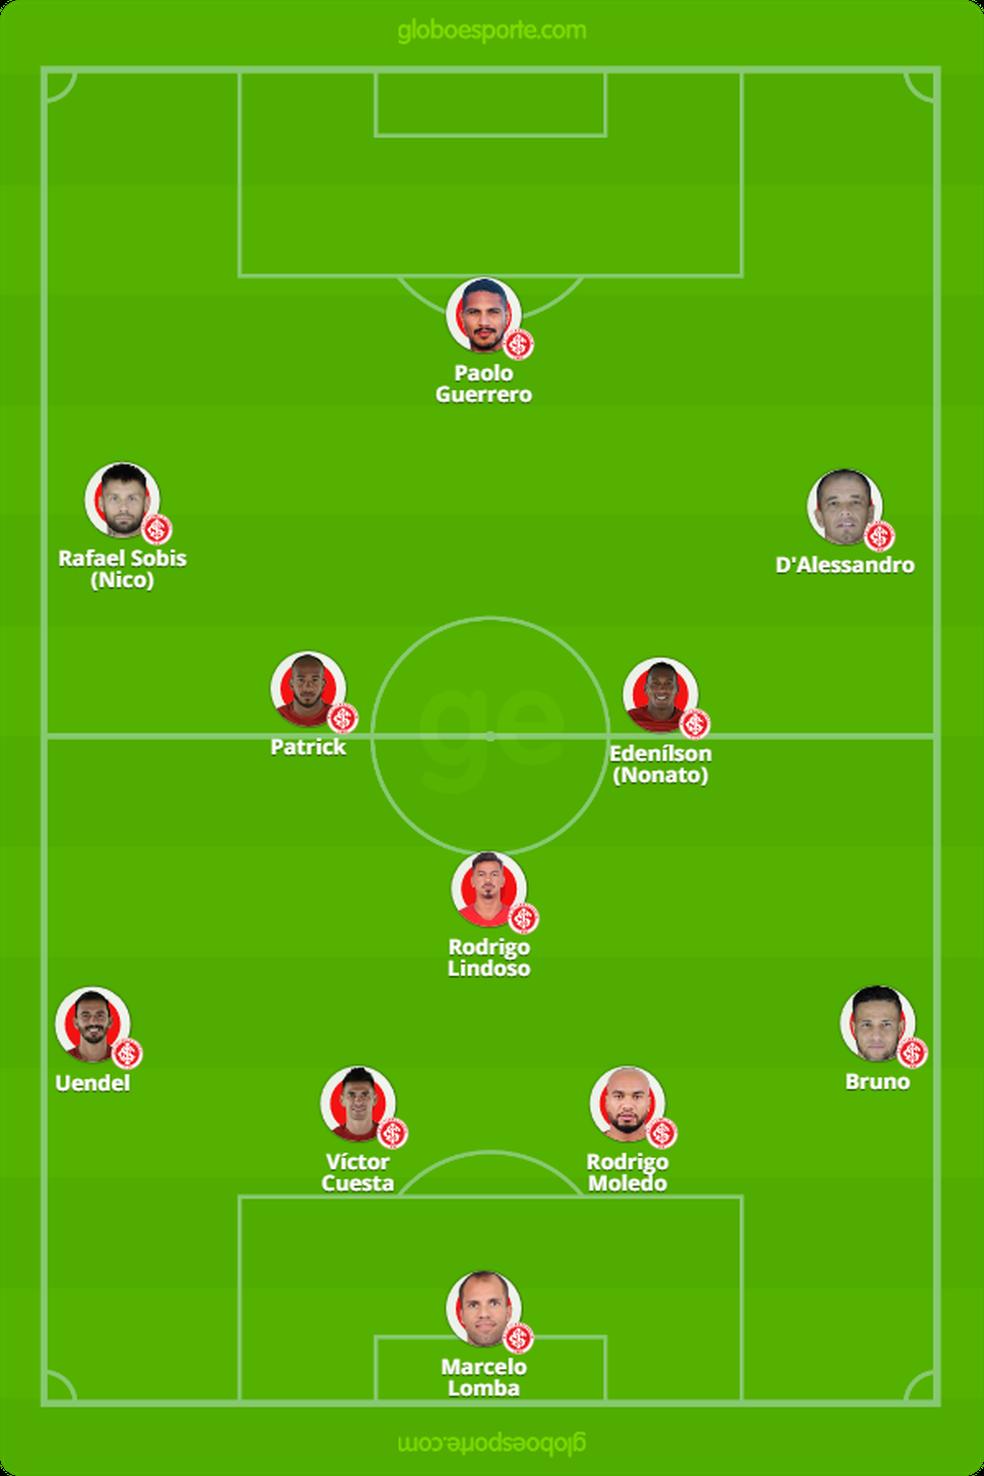 Escalação provável do Inter contra o Flamengo — Foto: GloboEsporte.com